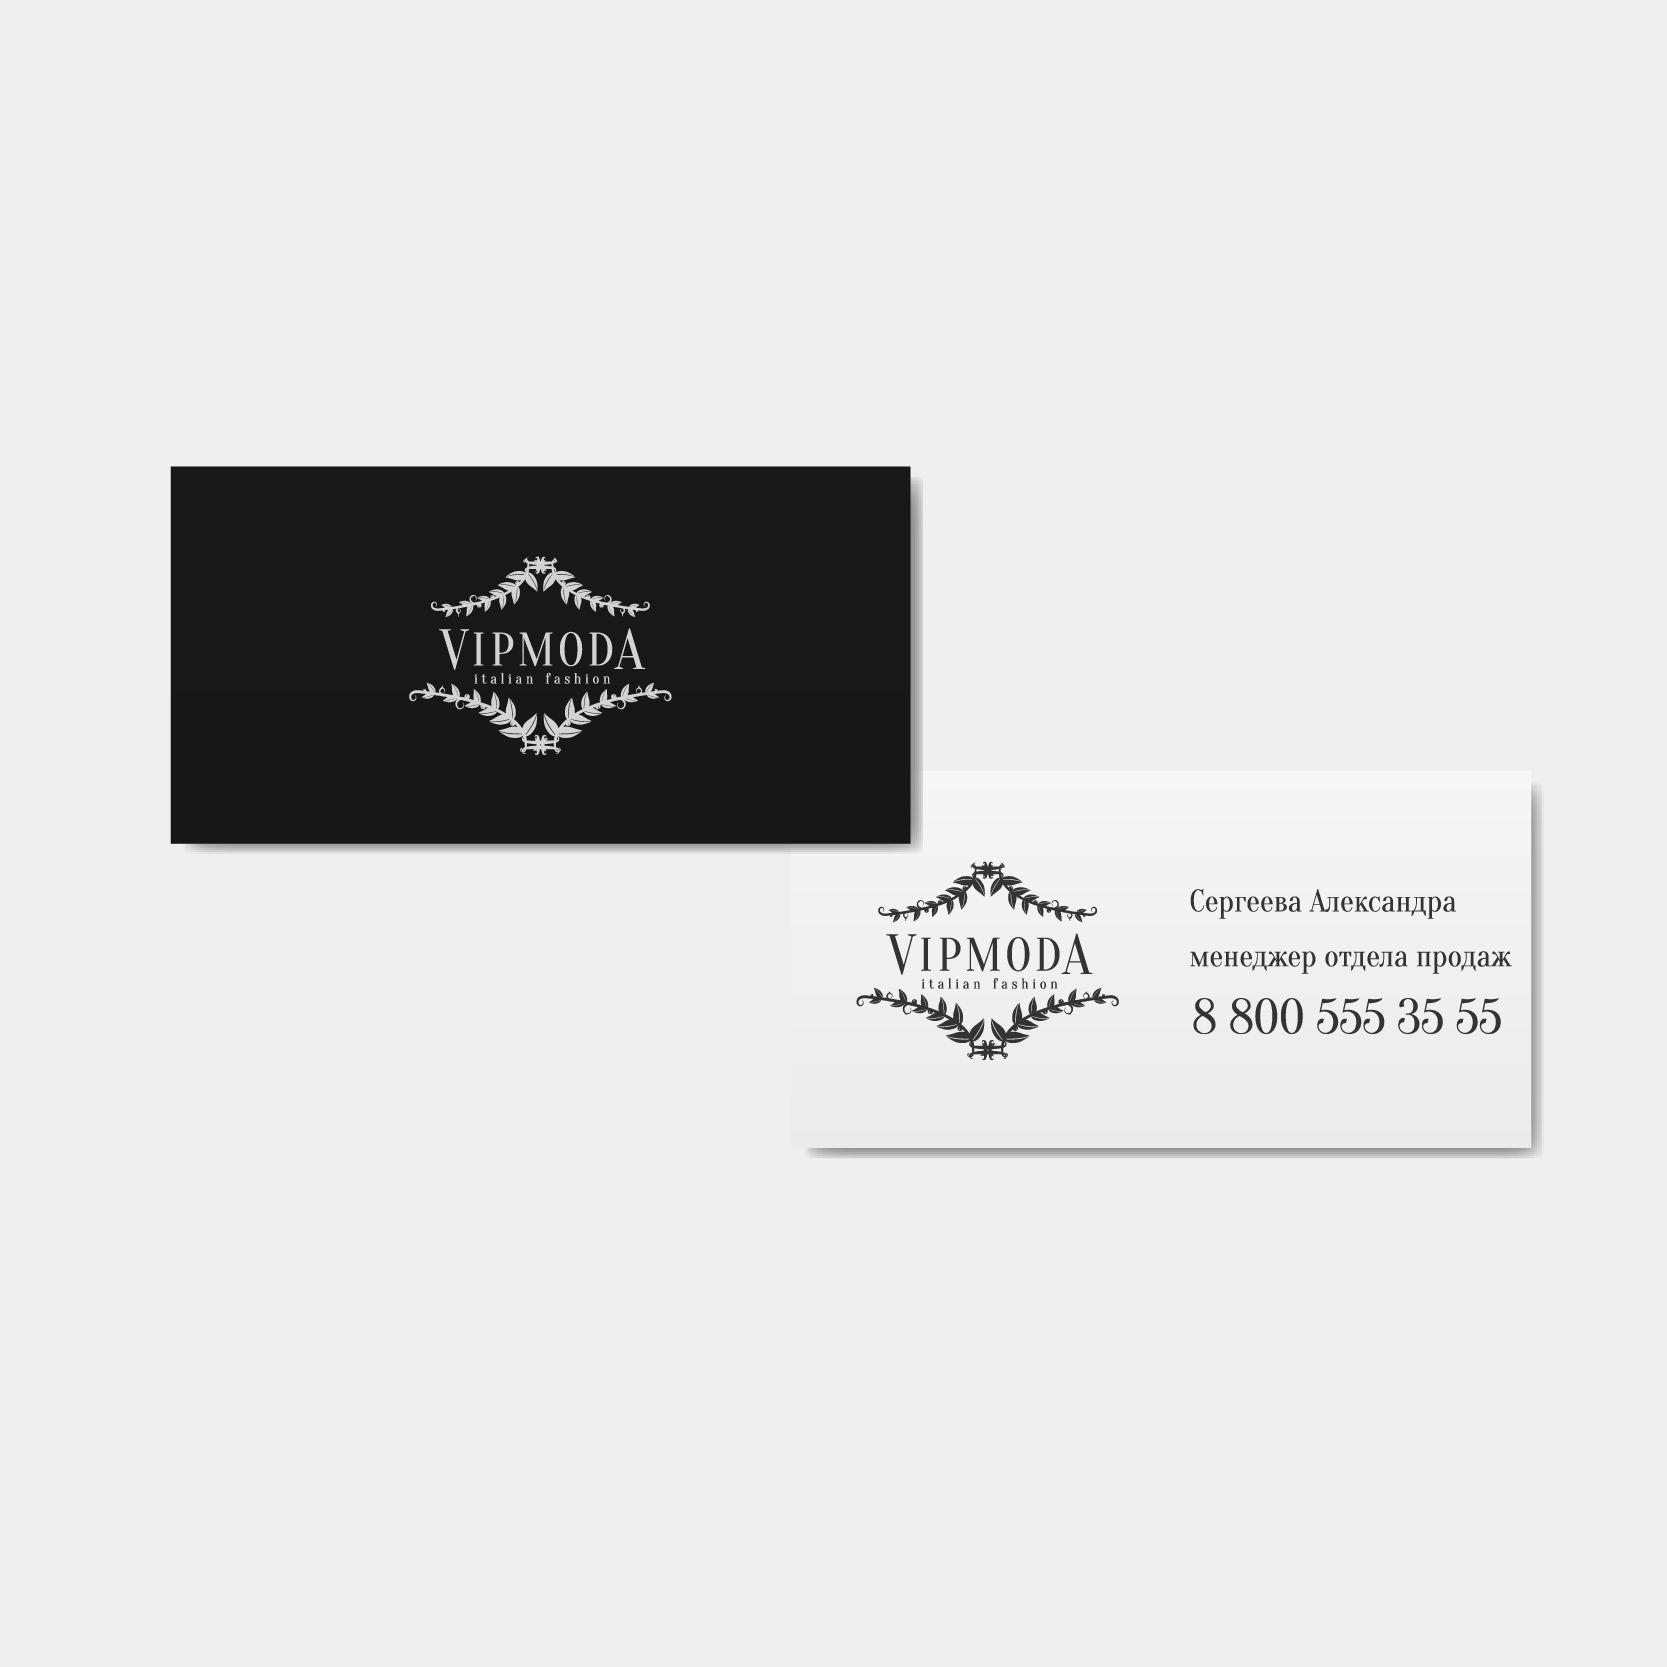 Лого и фирменный стиль компании ВИПМОДА  - дизайнер theonewhosaves